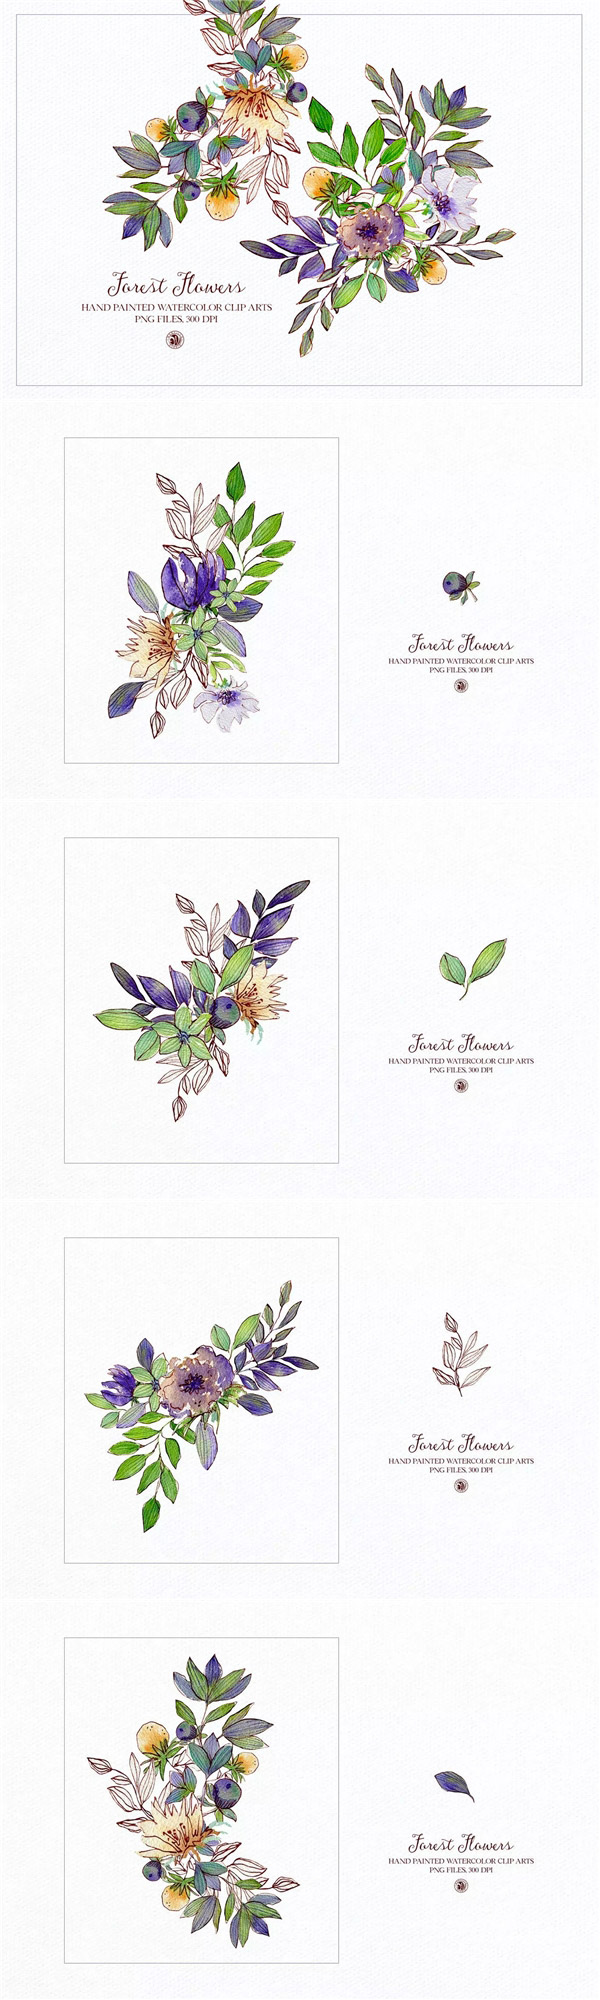 水墨水彩水粉植物插画